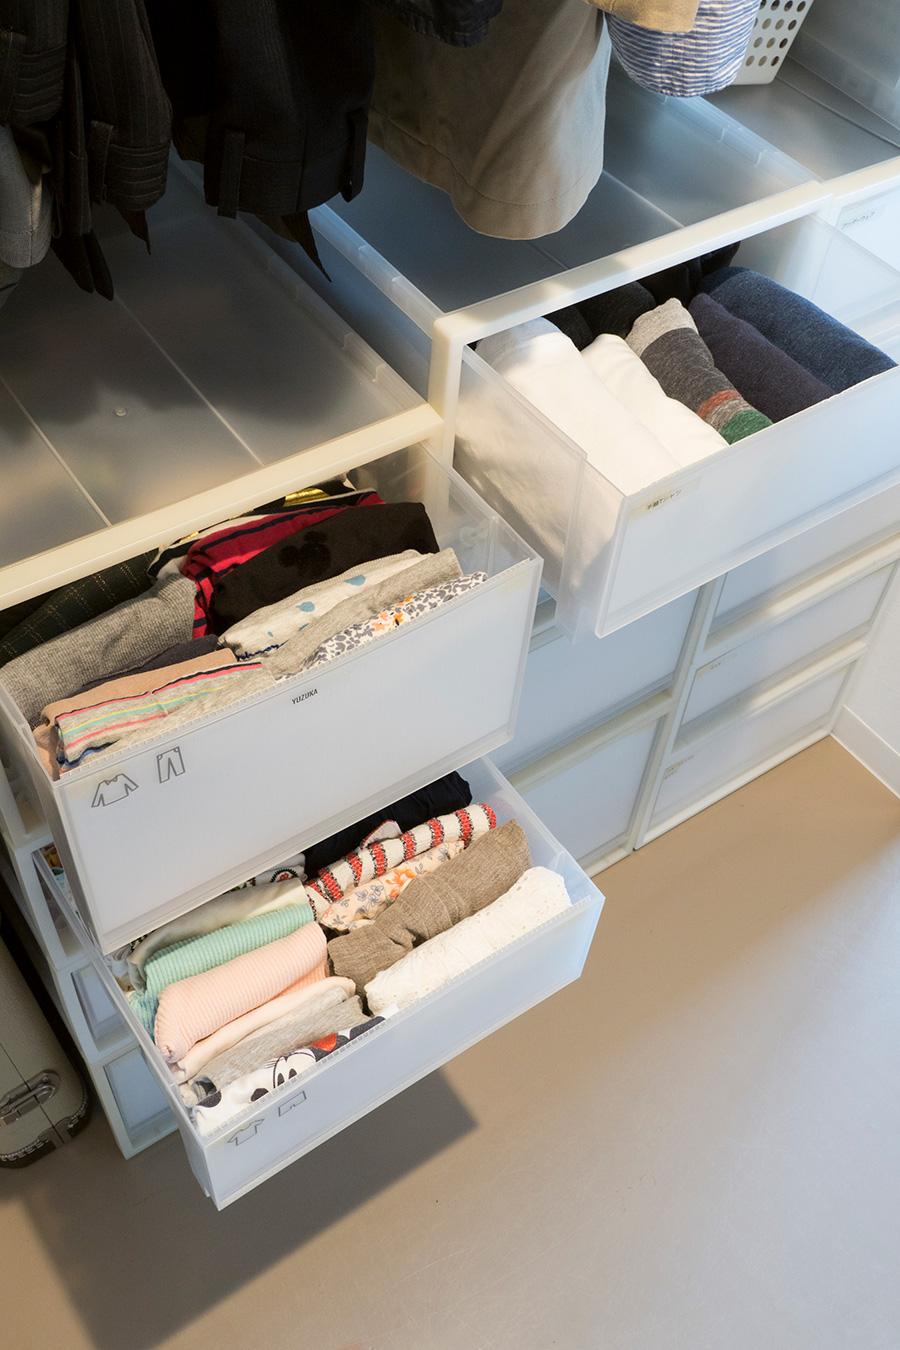 Tシャツなどは立てて収納することで、選びやすくなる。中身が分かるよう、イラストでラベリング。